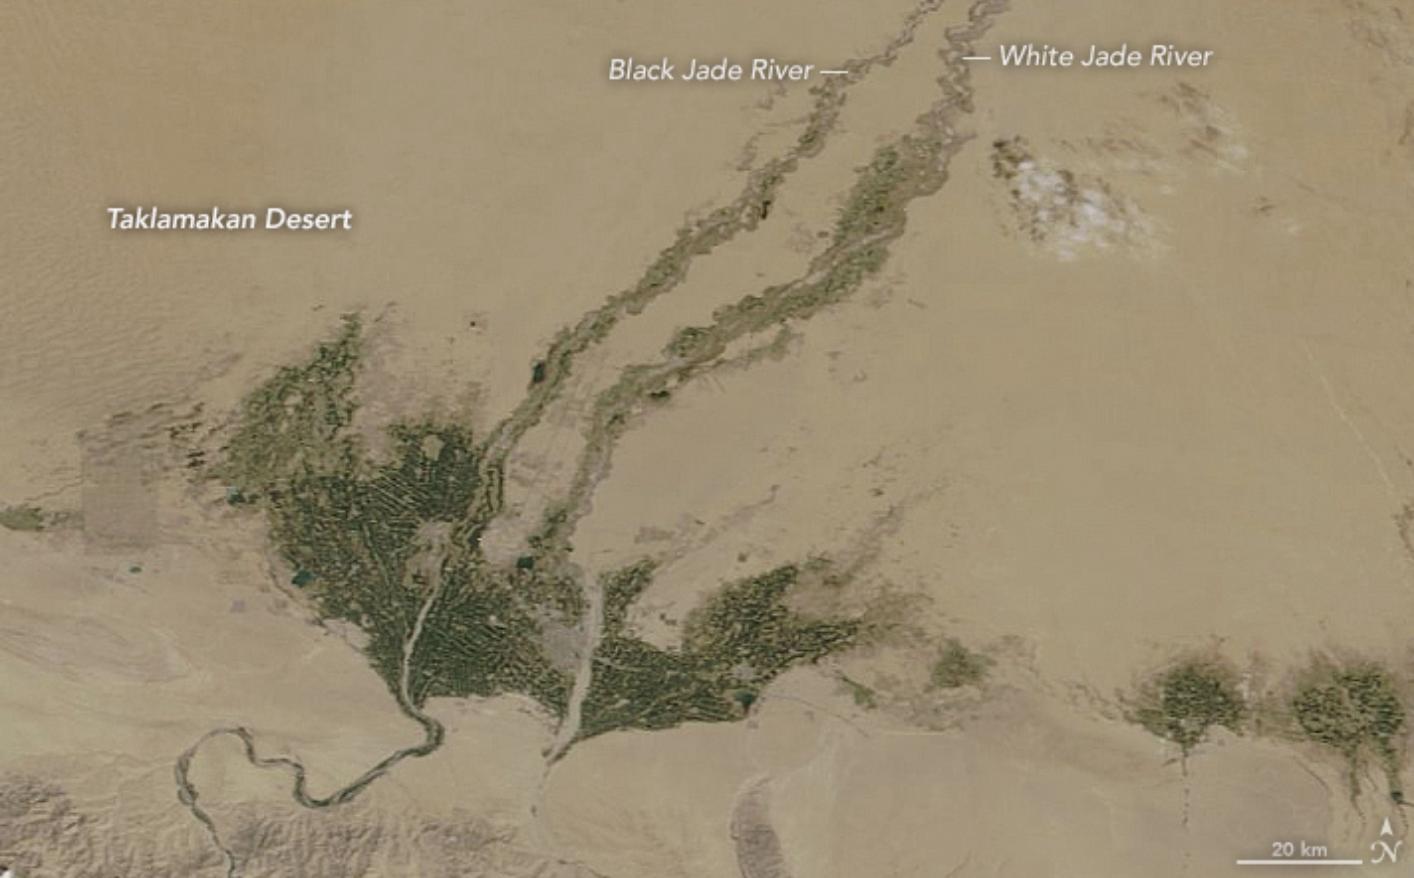 摩天注册显示塔克拉玛干摩天注册沙漠图片